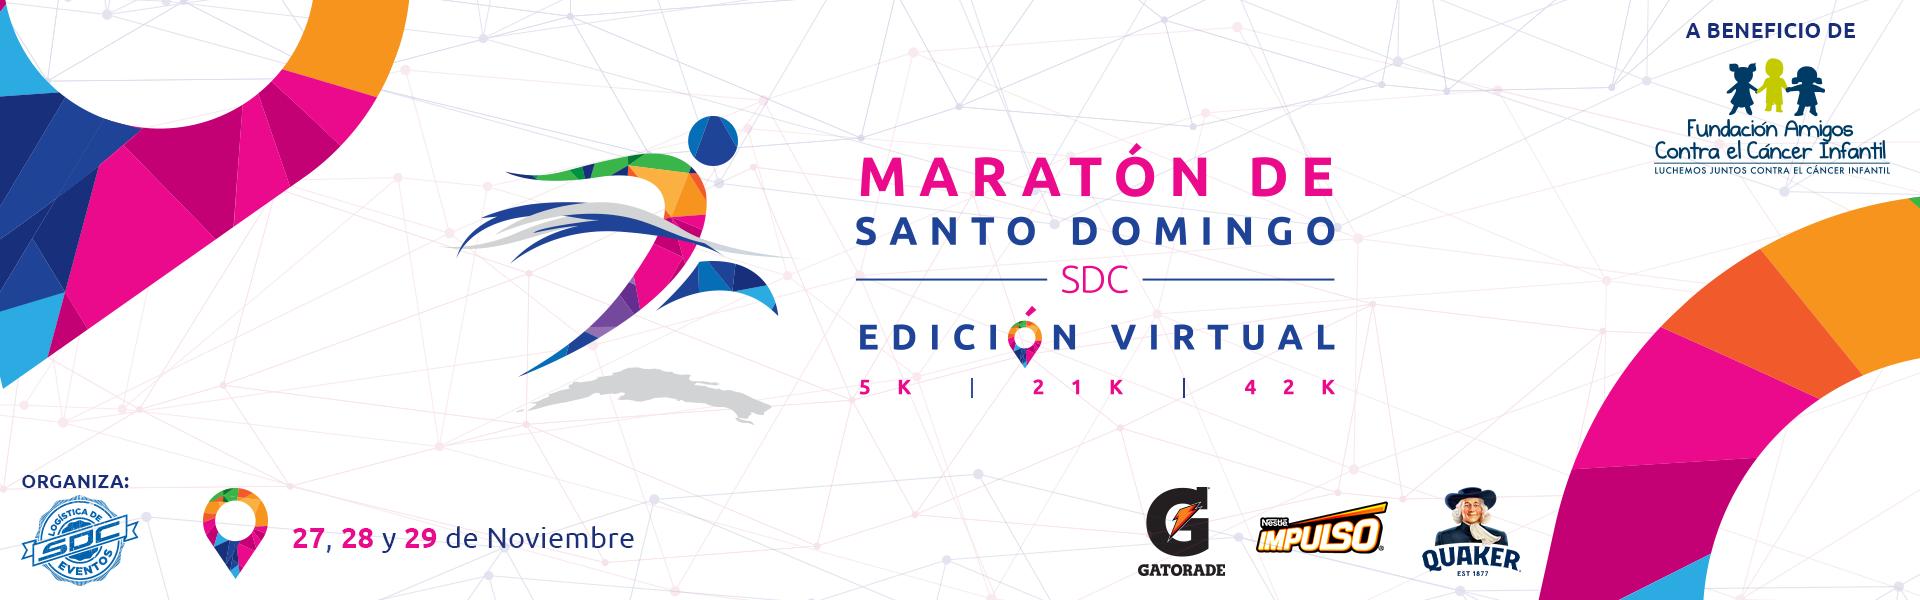 Maratón de Santo Domingo Virtual